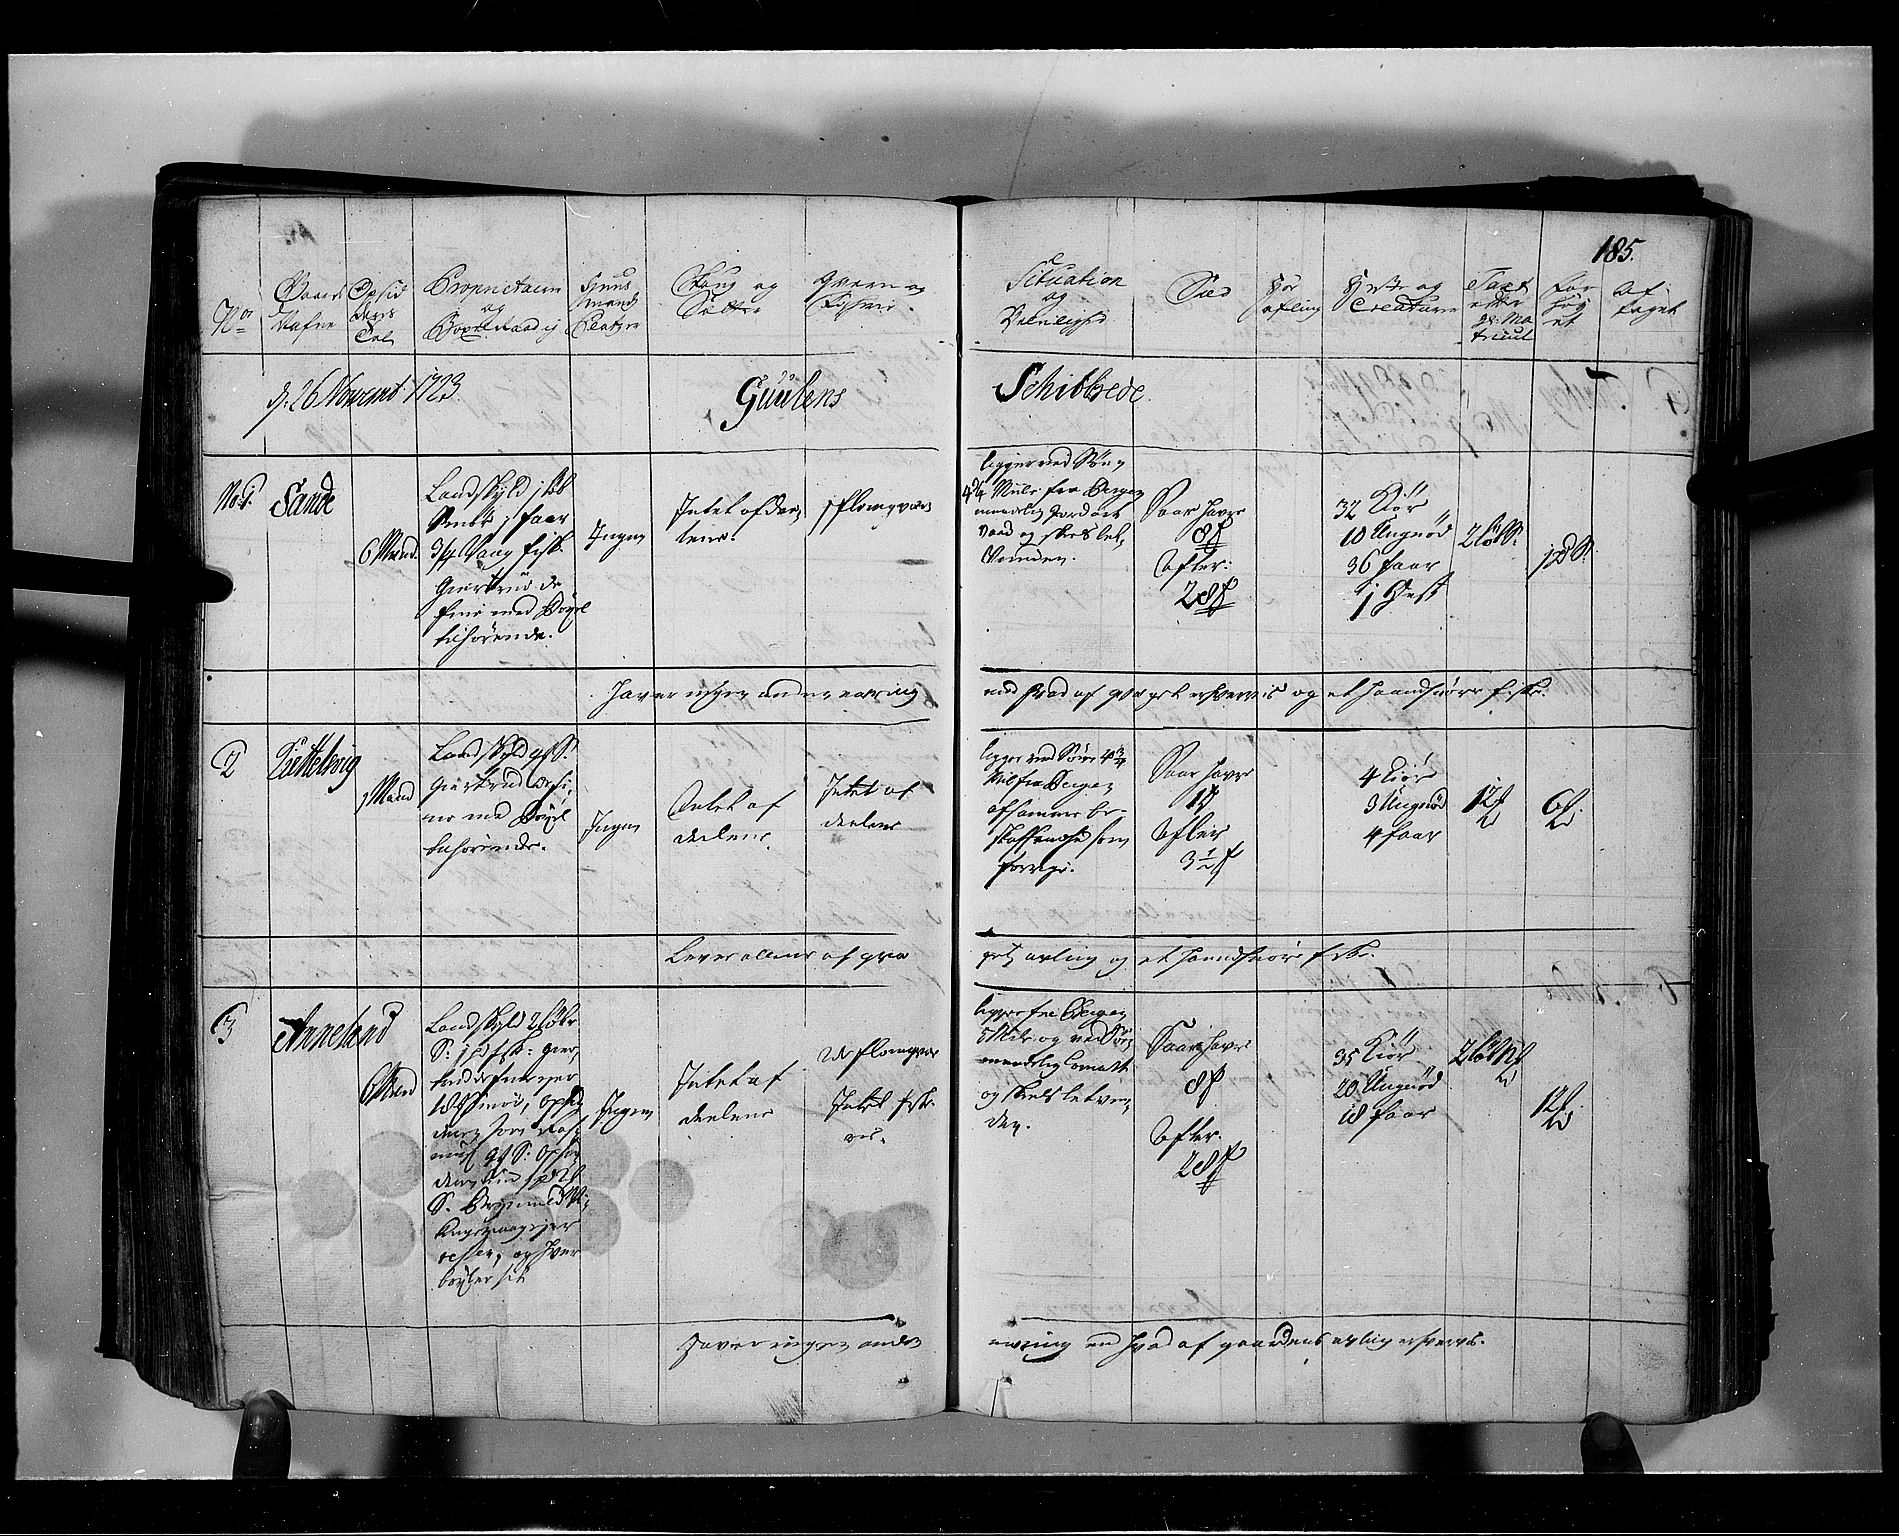 RA, Rentekammeret inntil 1814, Realistisk ordnet avdeling, N/Nb/Nbf/L0139: Nordhordland eksaminasjonsprotokoll, 1723, s. 184b-185a